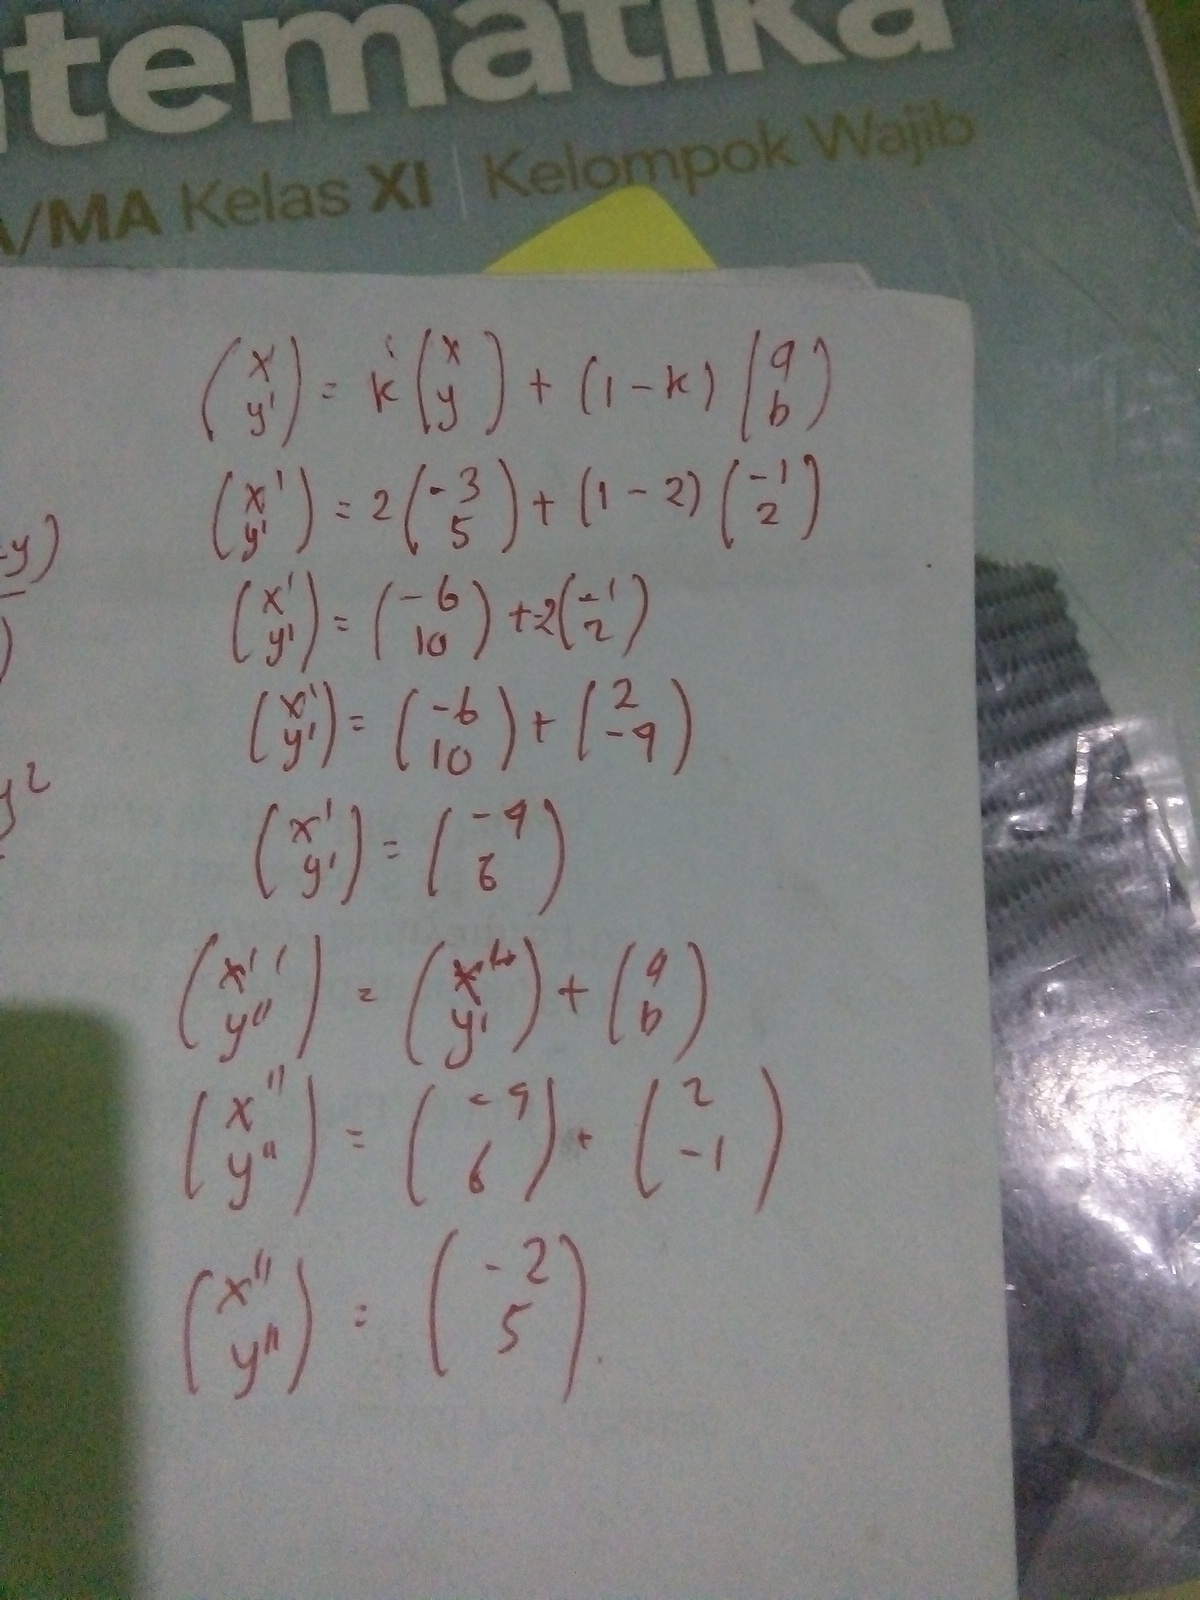 Bayangan Titik A 3 5 Oleh Dilatasi P 2 Dengan P 1 2 Dilanjutkan Translasi T 2 1 Brainly Co Id